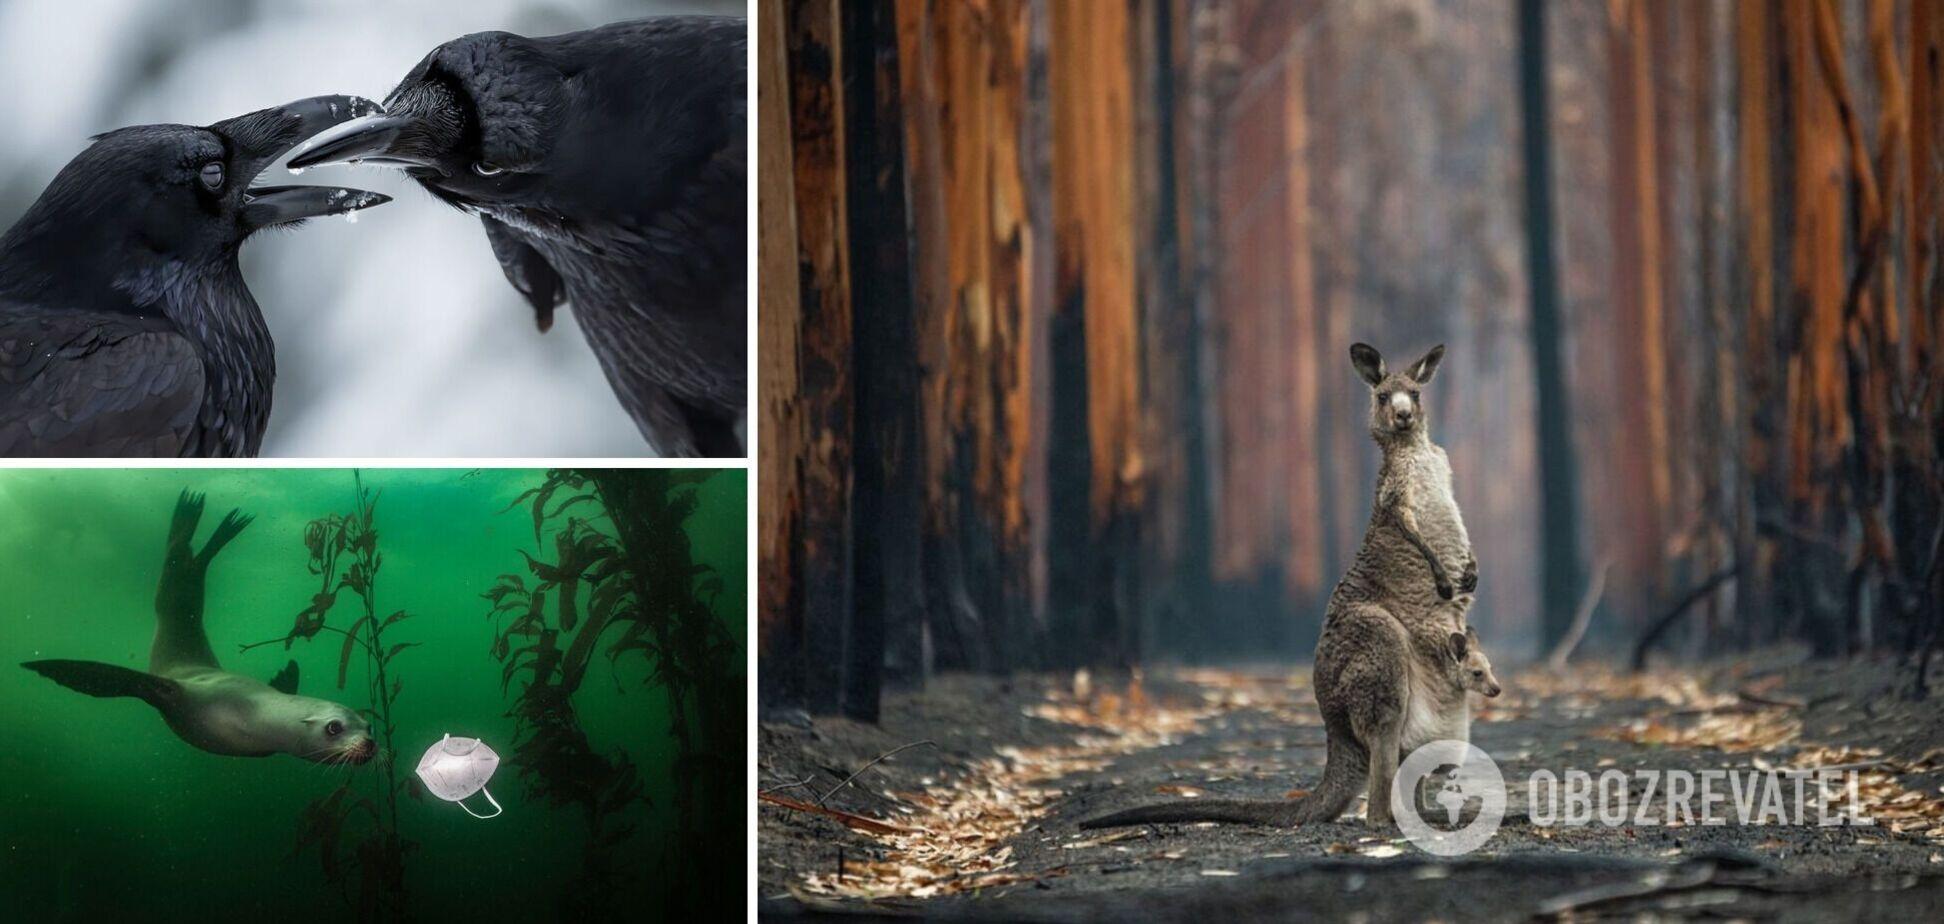 Победителем конкурса BigPicture Natural World стал снимок кенгуру на пожарище: топ-10 лучших в мире фото дикой природы